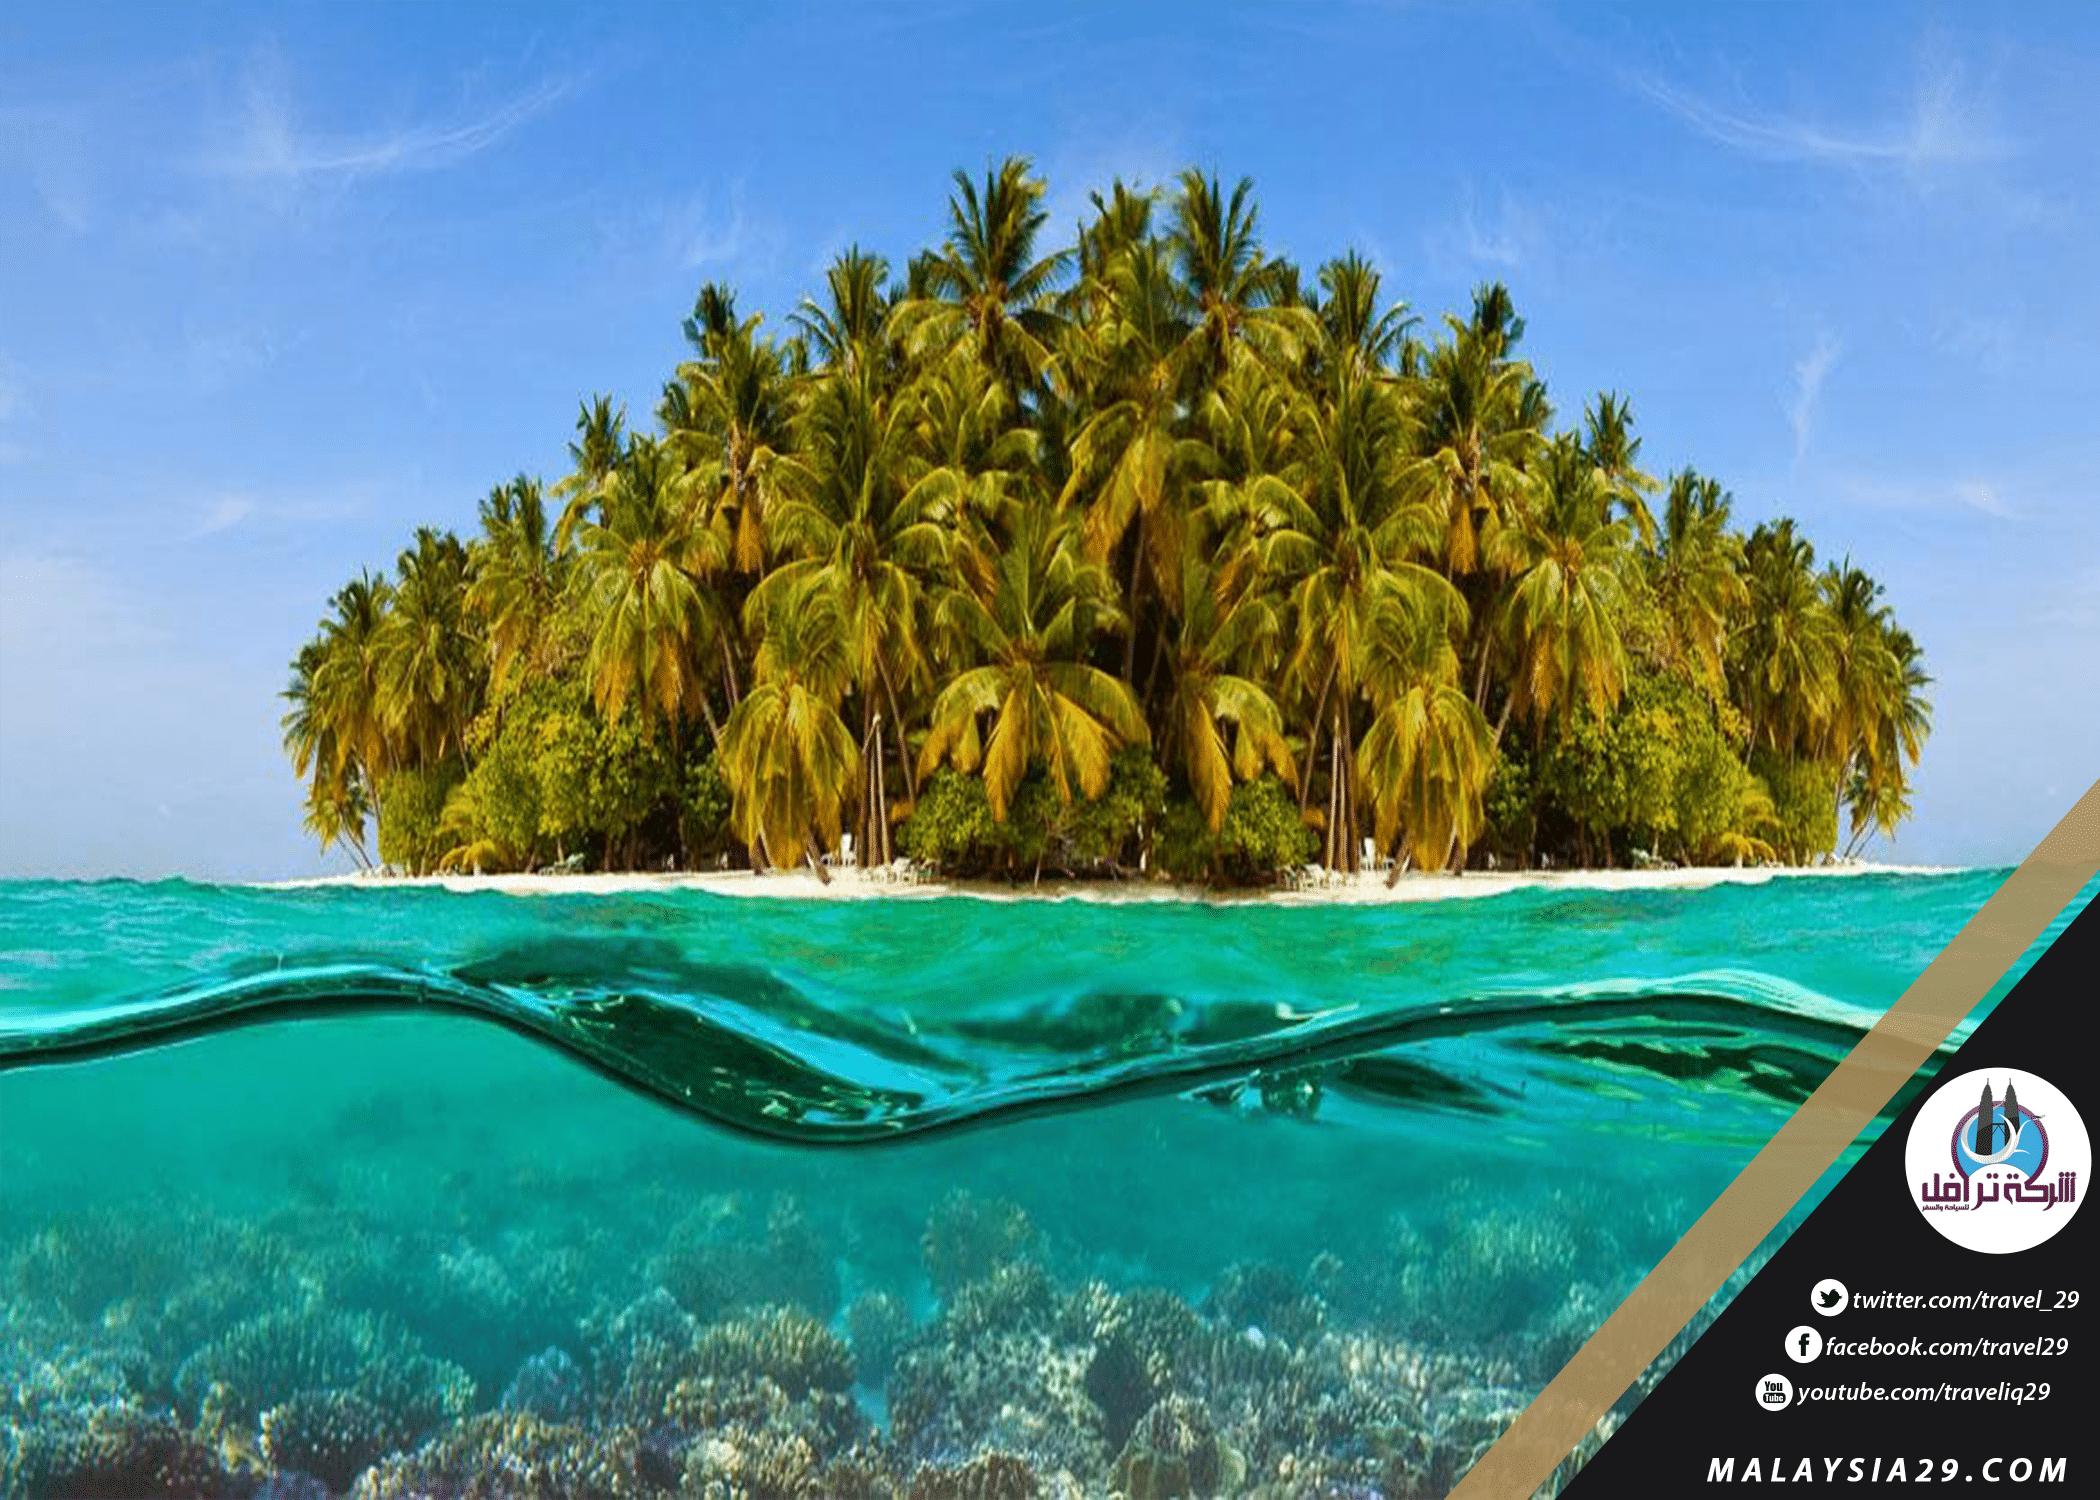 جزيرة هالهوميل المالديف